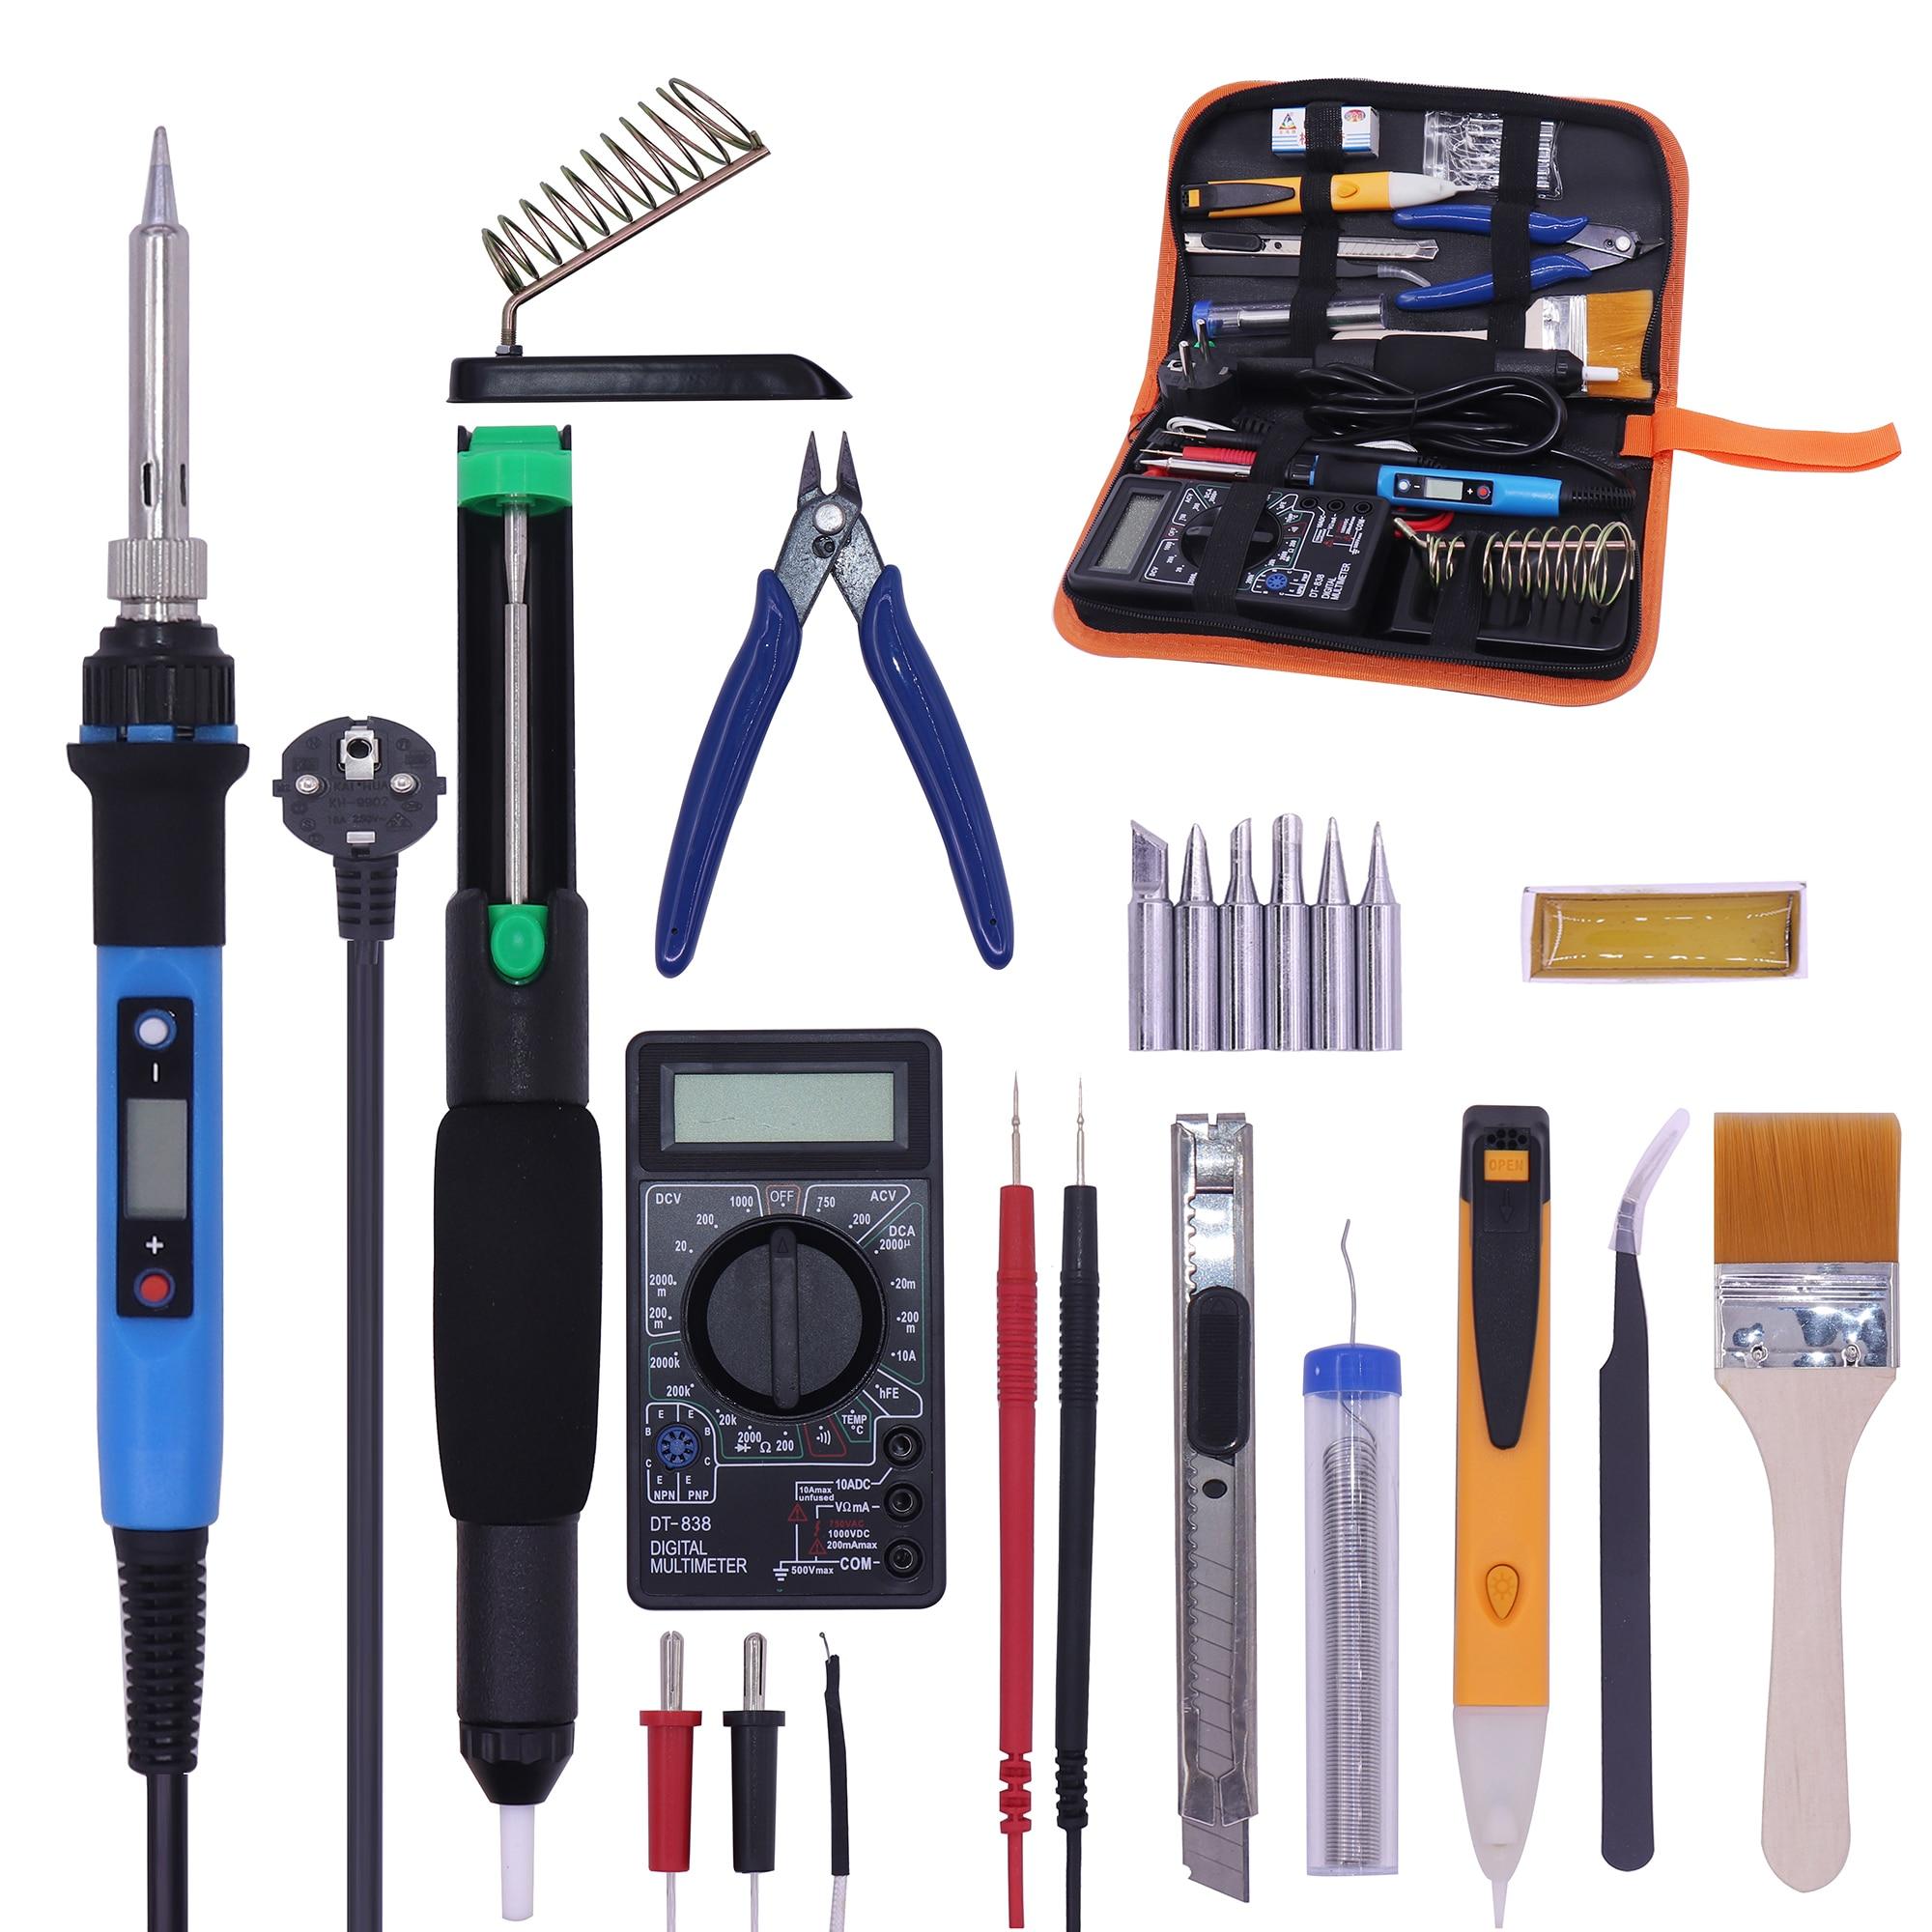 80W Electric Soldering Iron Kit Adjustable Temperature Multimeter Welding Tool Desoldering Pump Tin Wire Pliers Welding